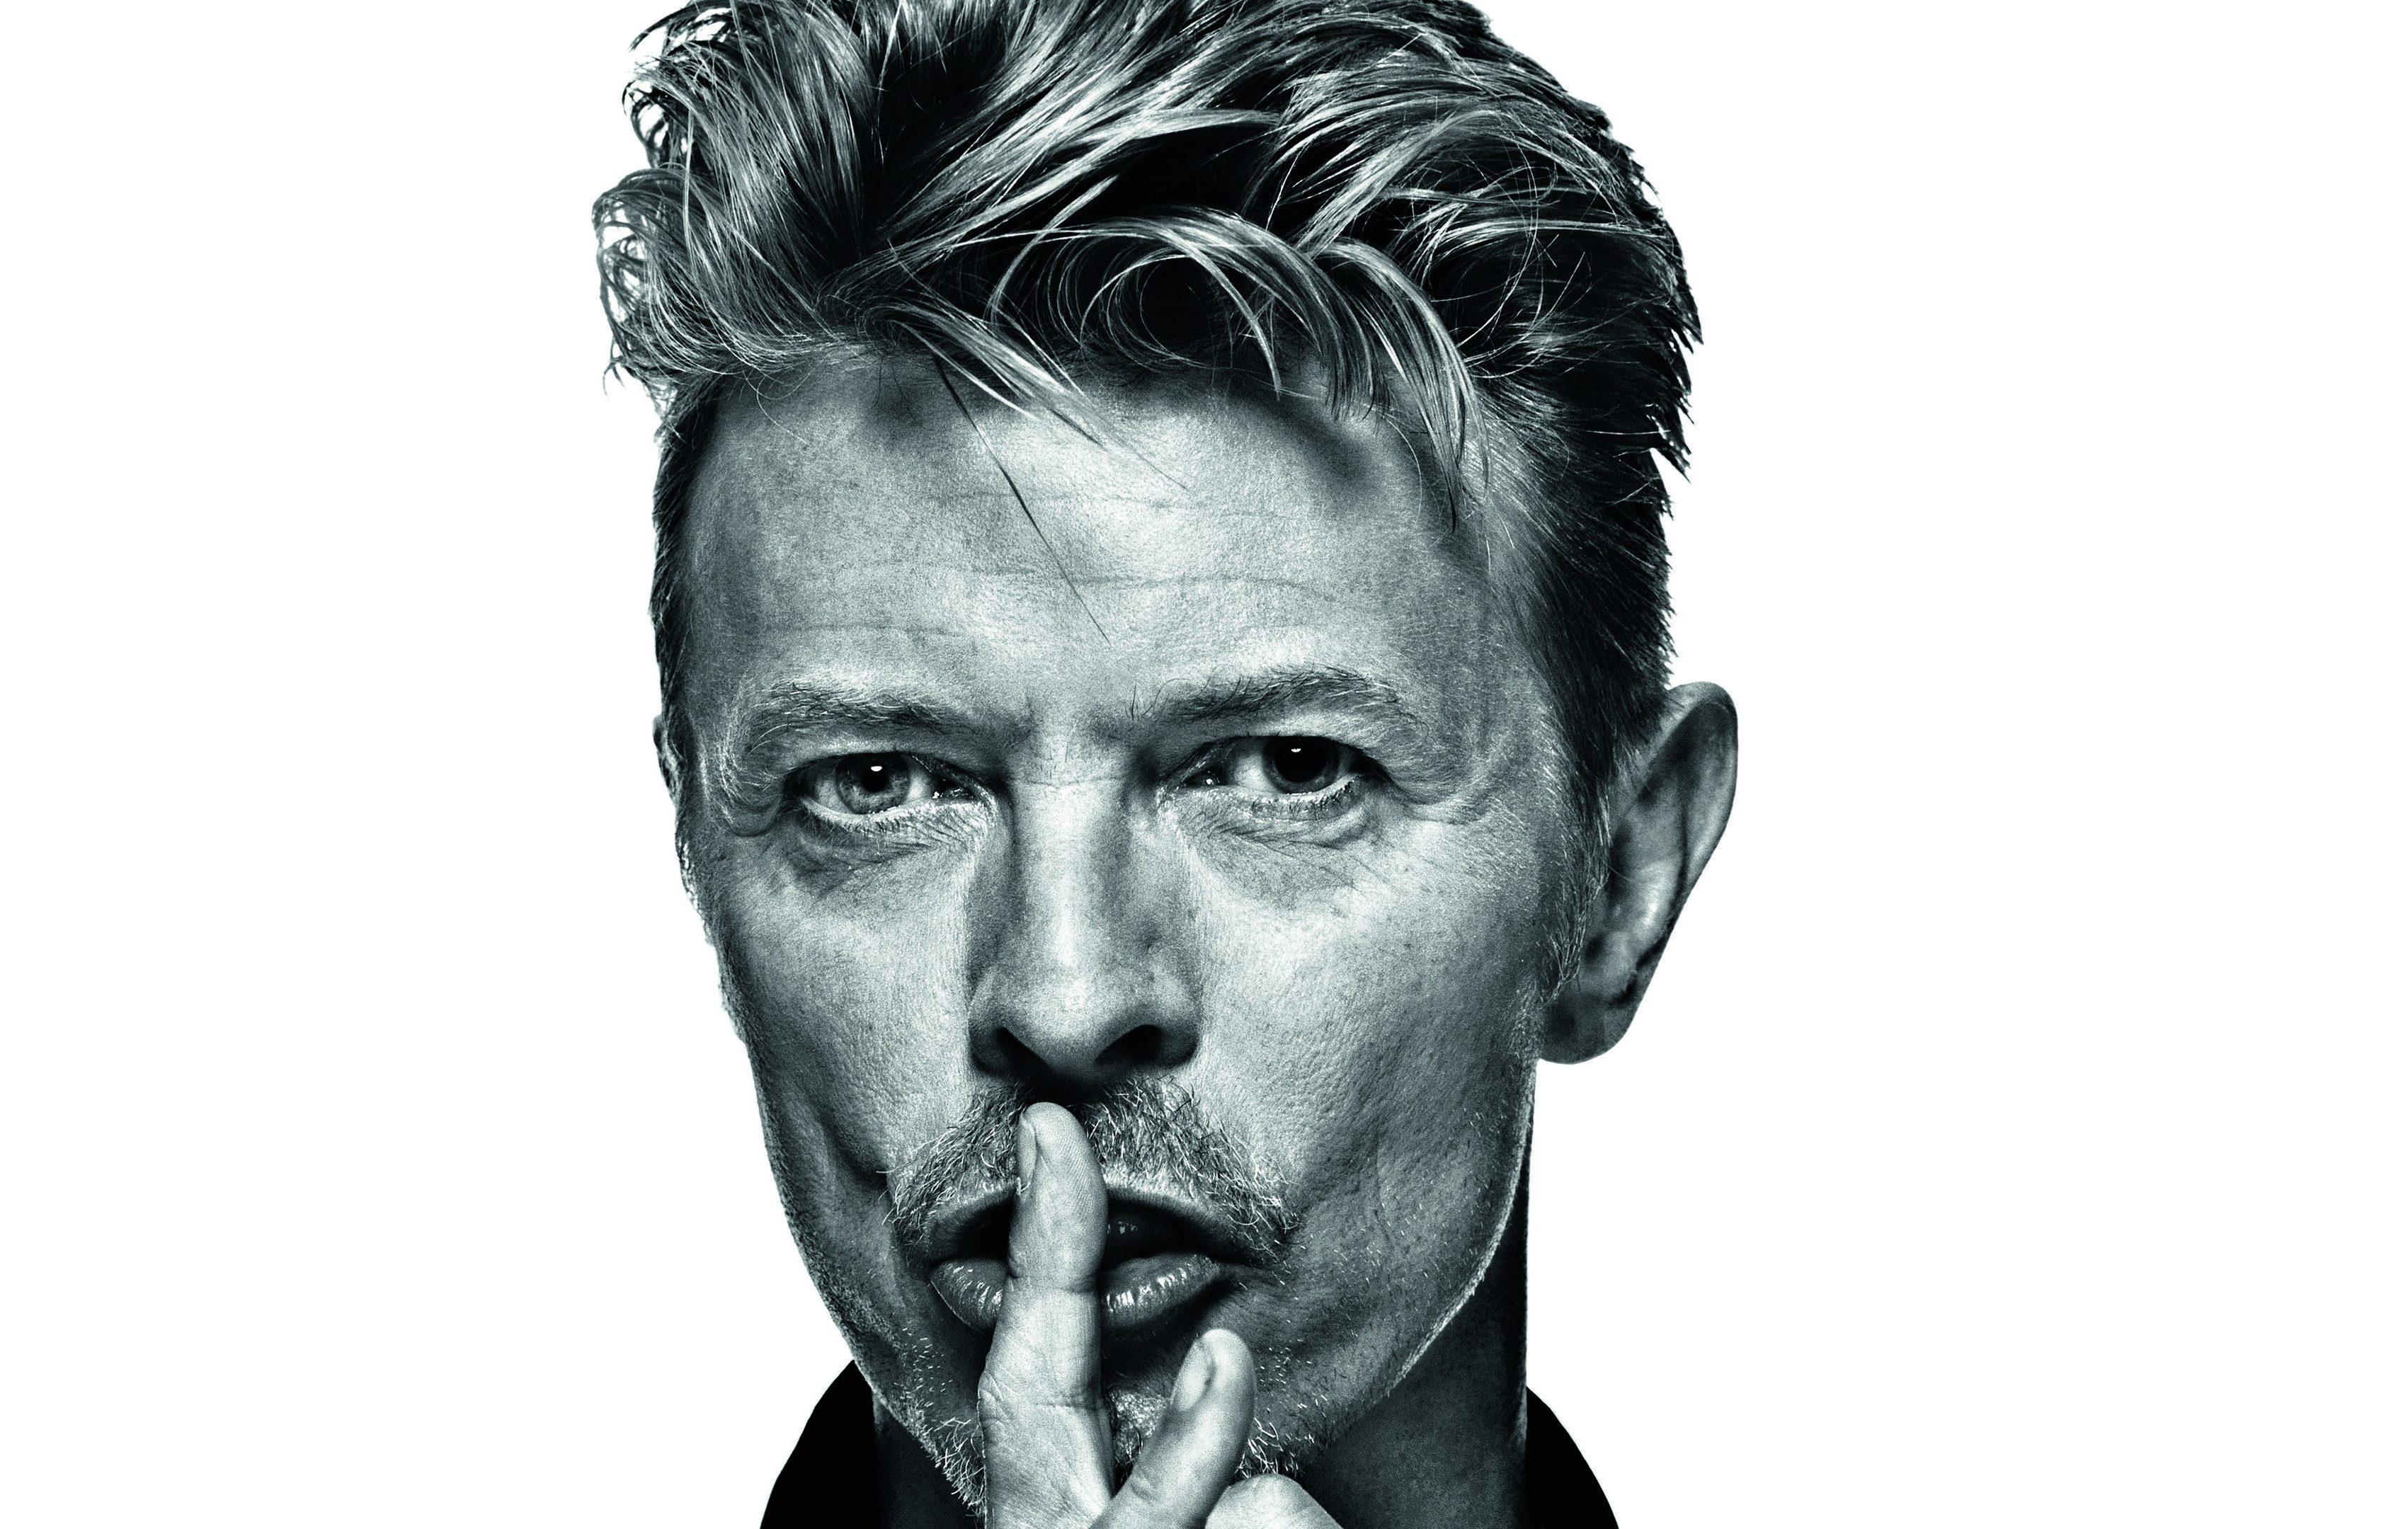 Portrait of David Bowie.